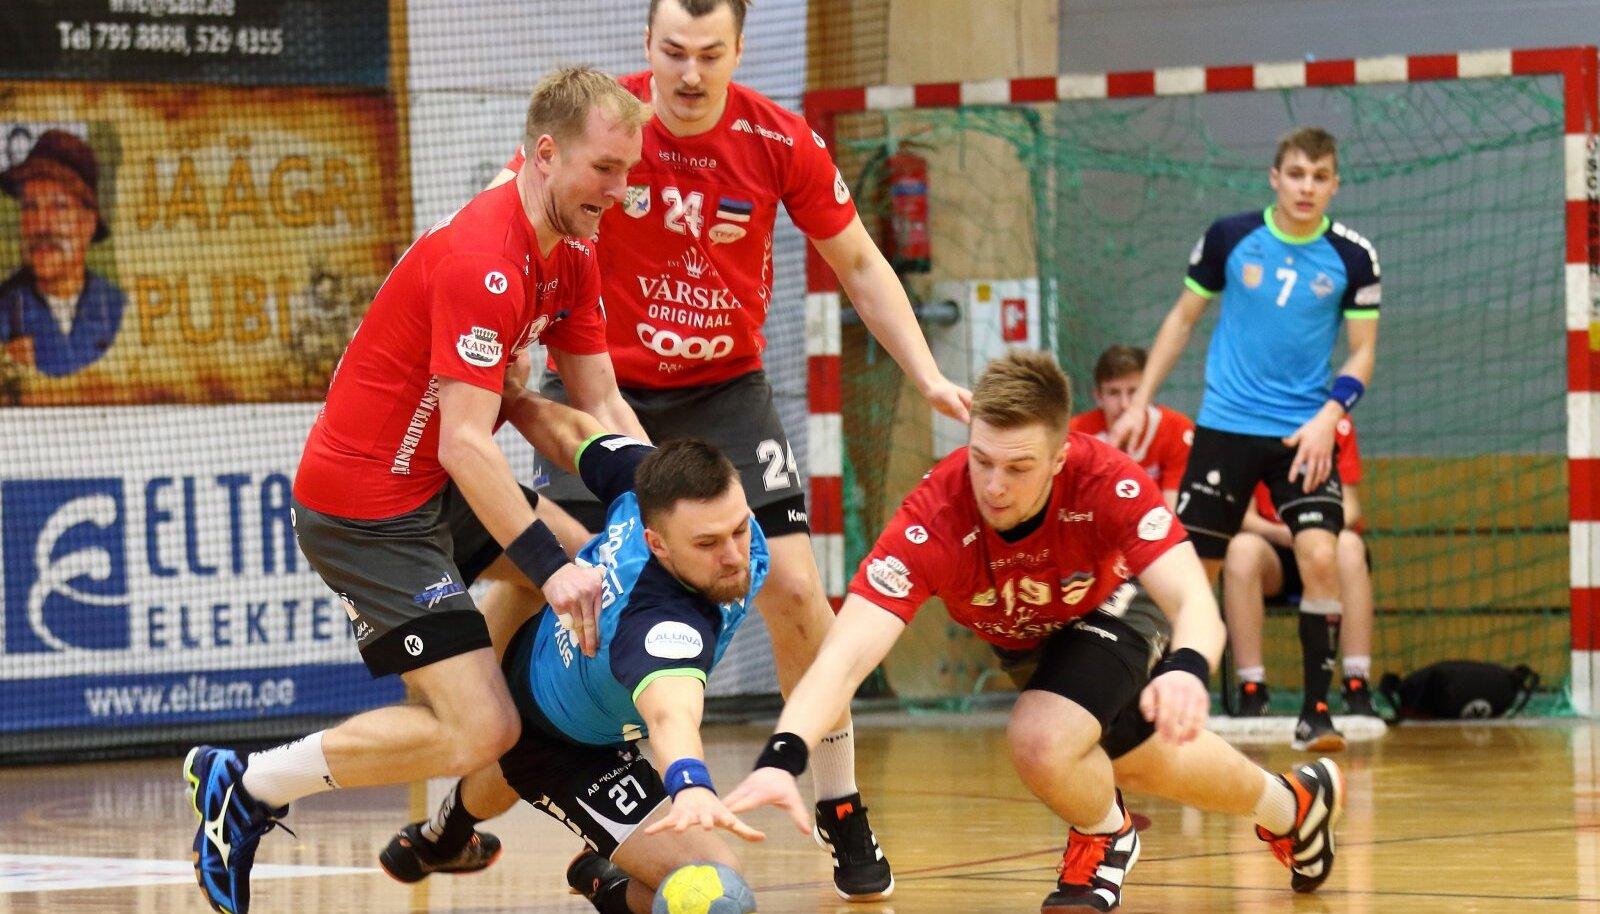 Võitlust oli Põlva Serviti ja Klaipeda Dragunase vahelises Balti liiga veerandfinaalis enam kui küll.